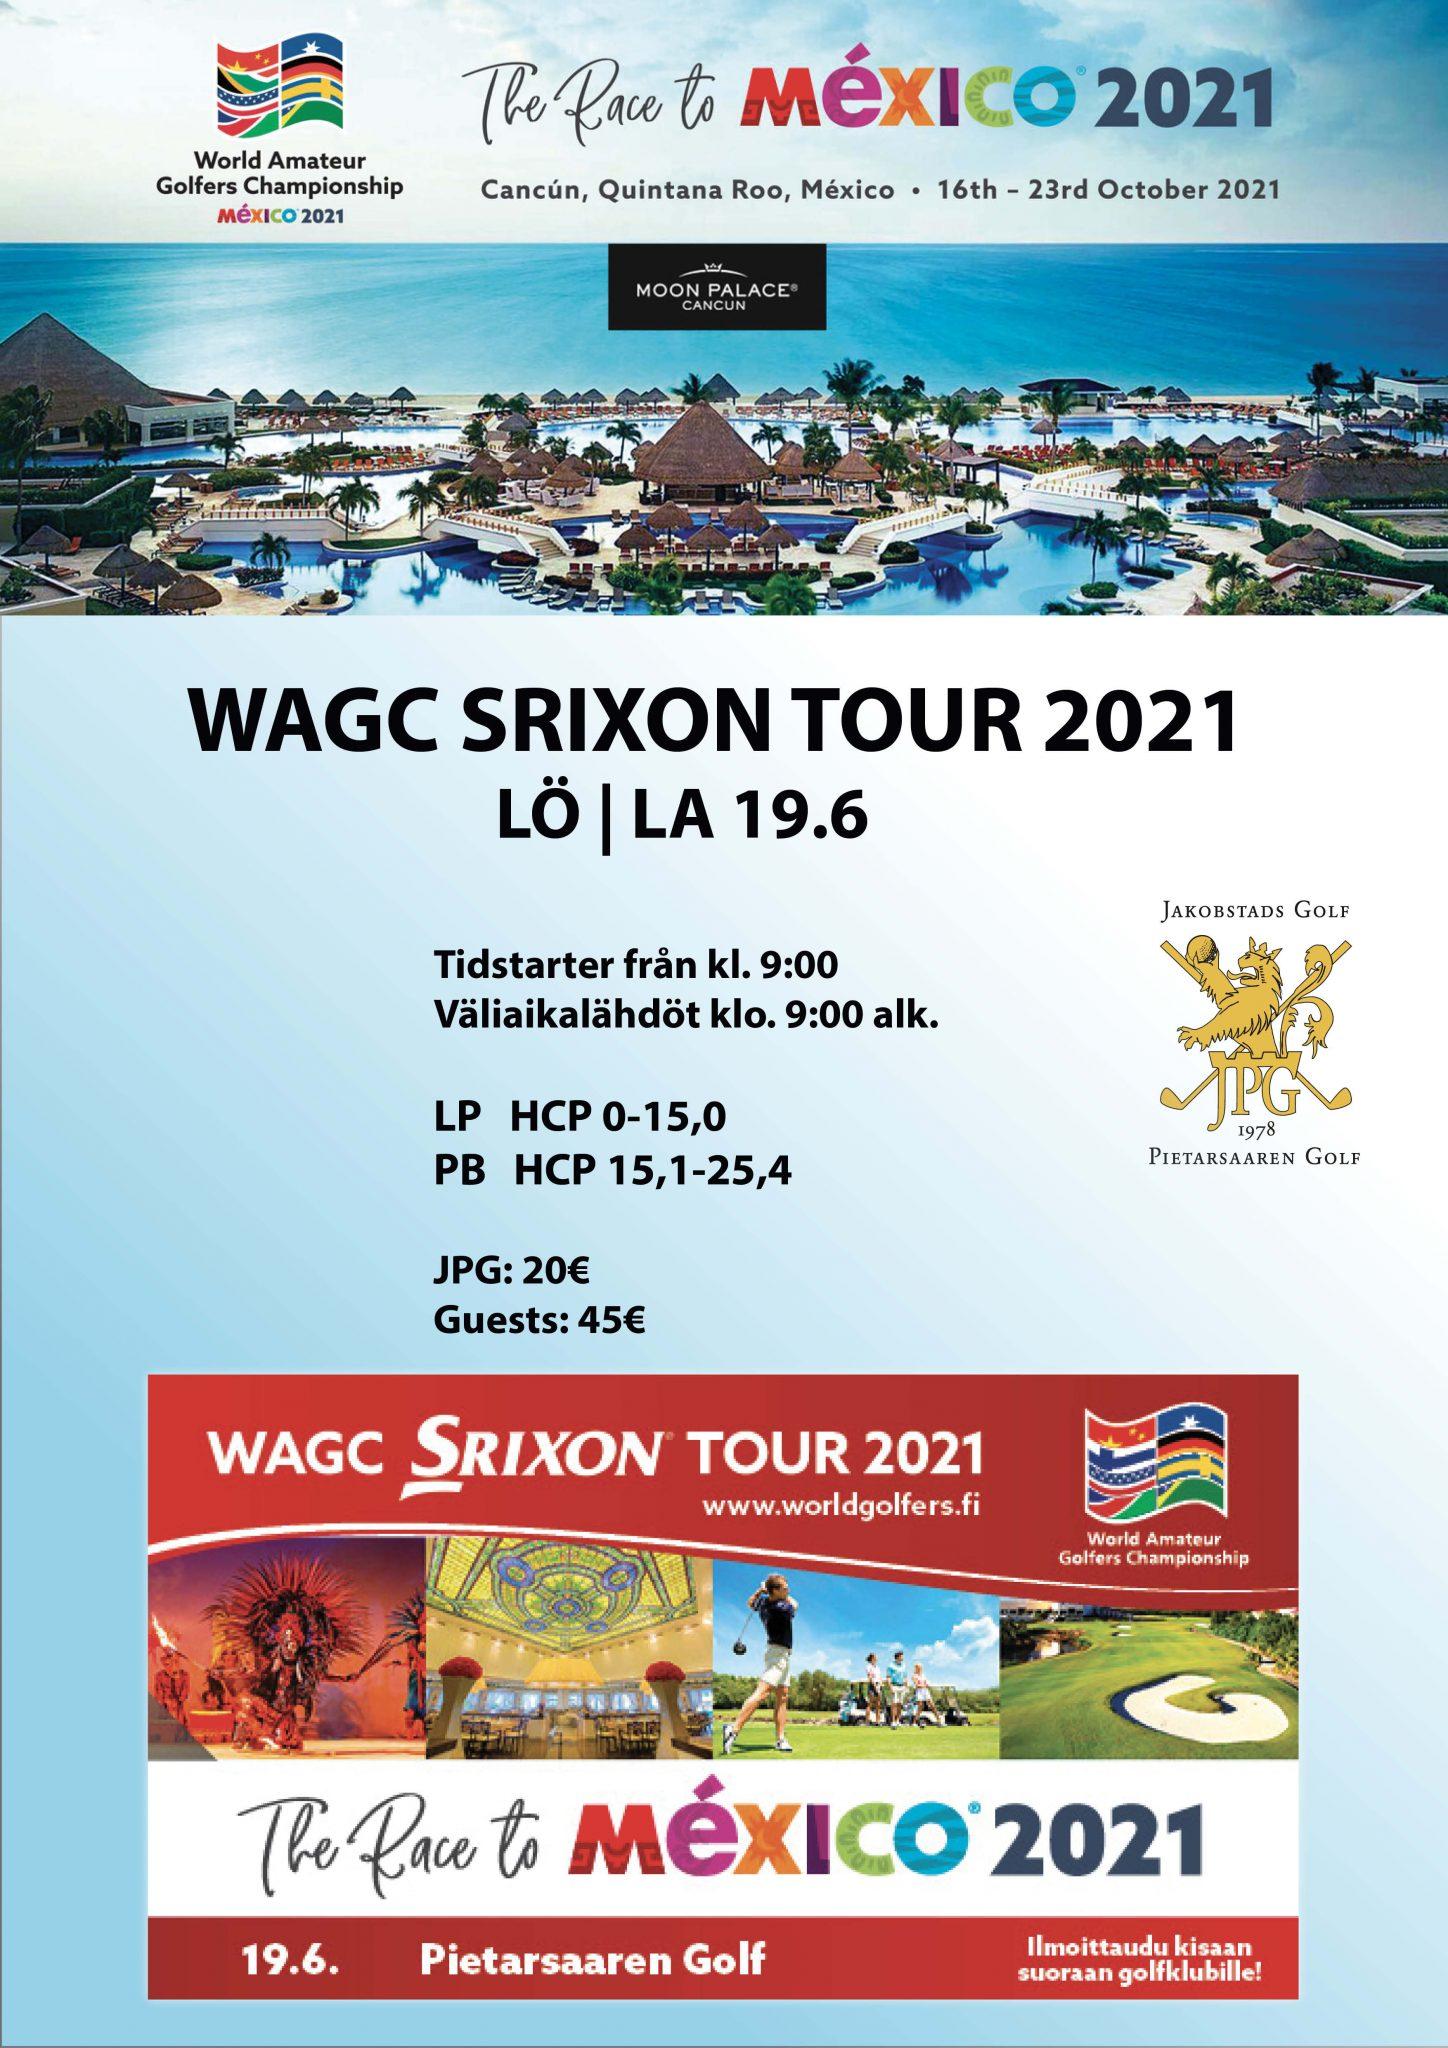 WAGC SRIXON TOUR 2021